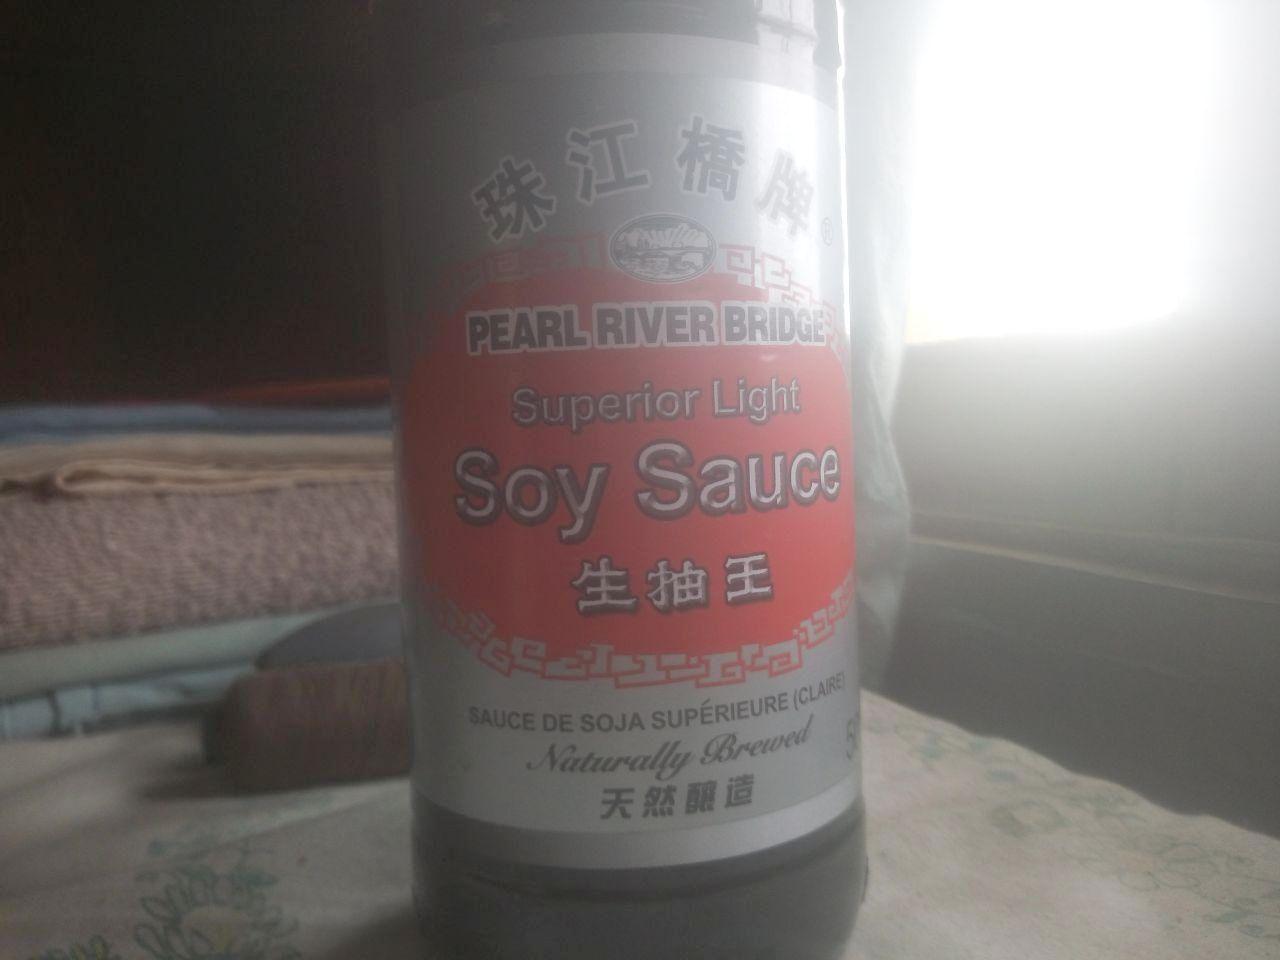 La sauce soja claire fait partie des sauces asiatiques font partie des meilleurs pour améliorer n'importe quel plat. C'est un domaine vaste, mais nous essayons de tout couvrir avec ce guide.